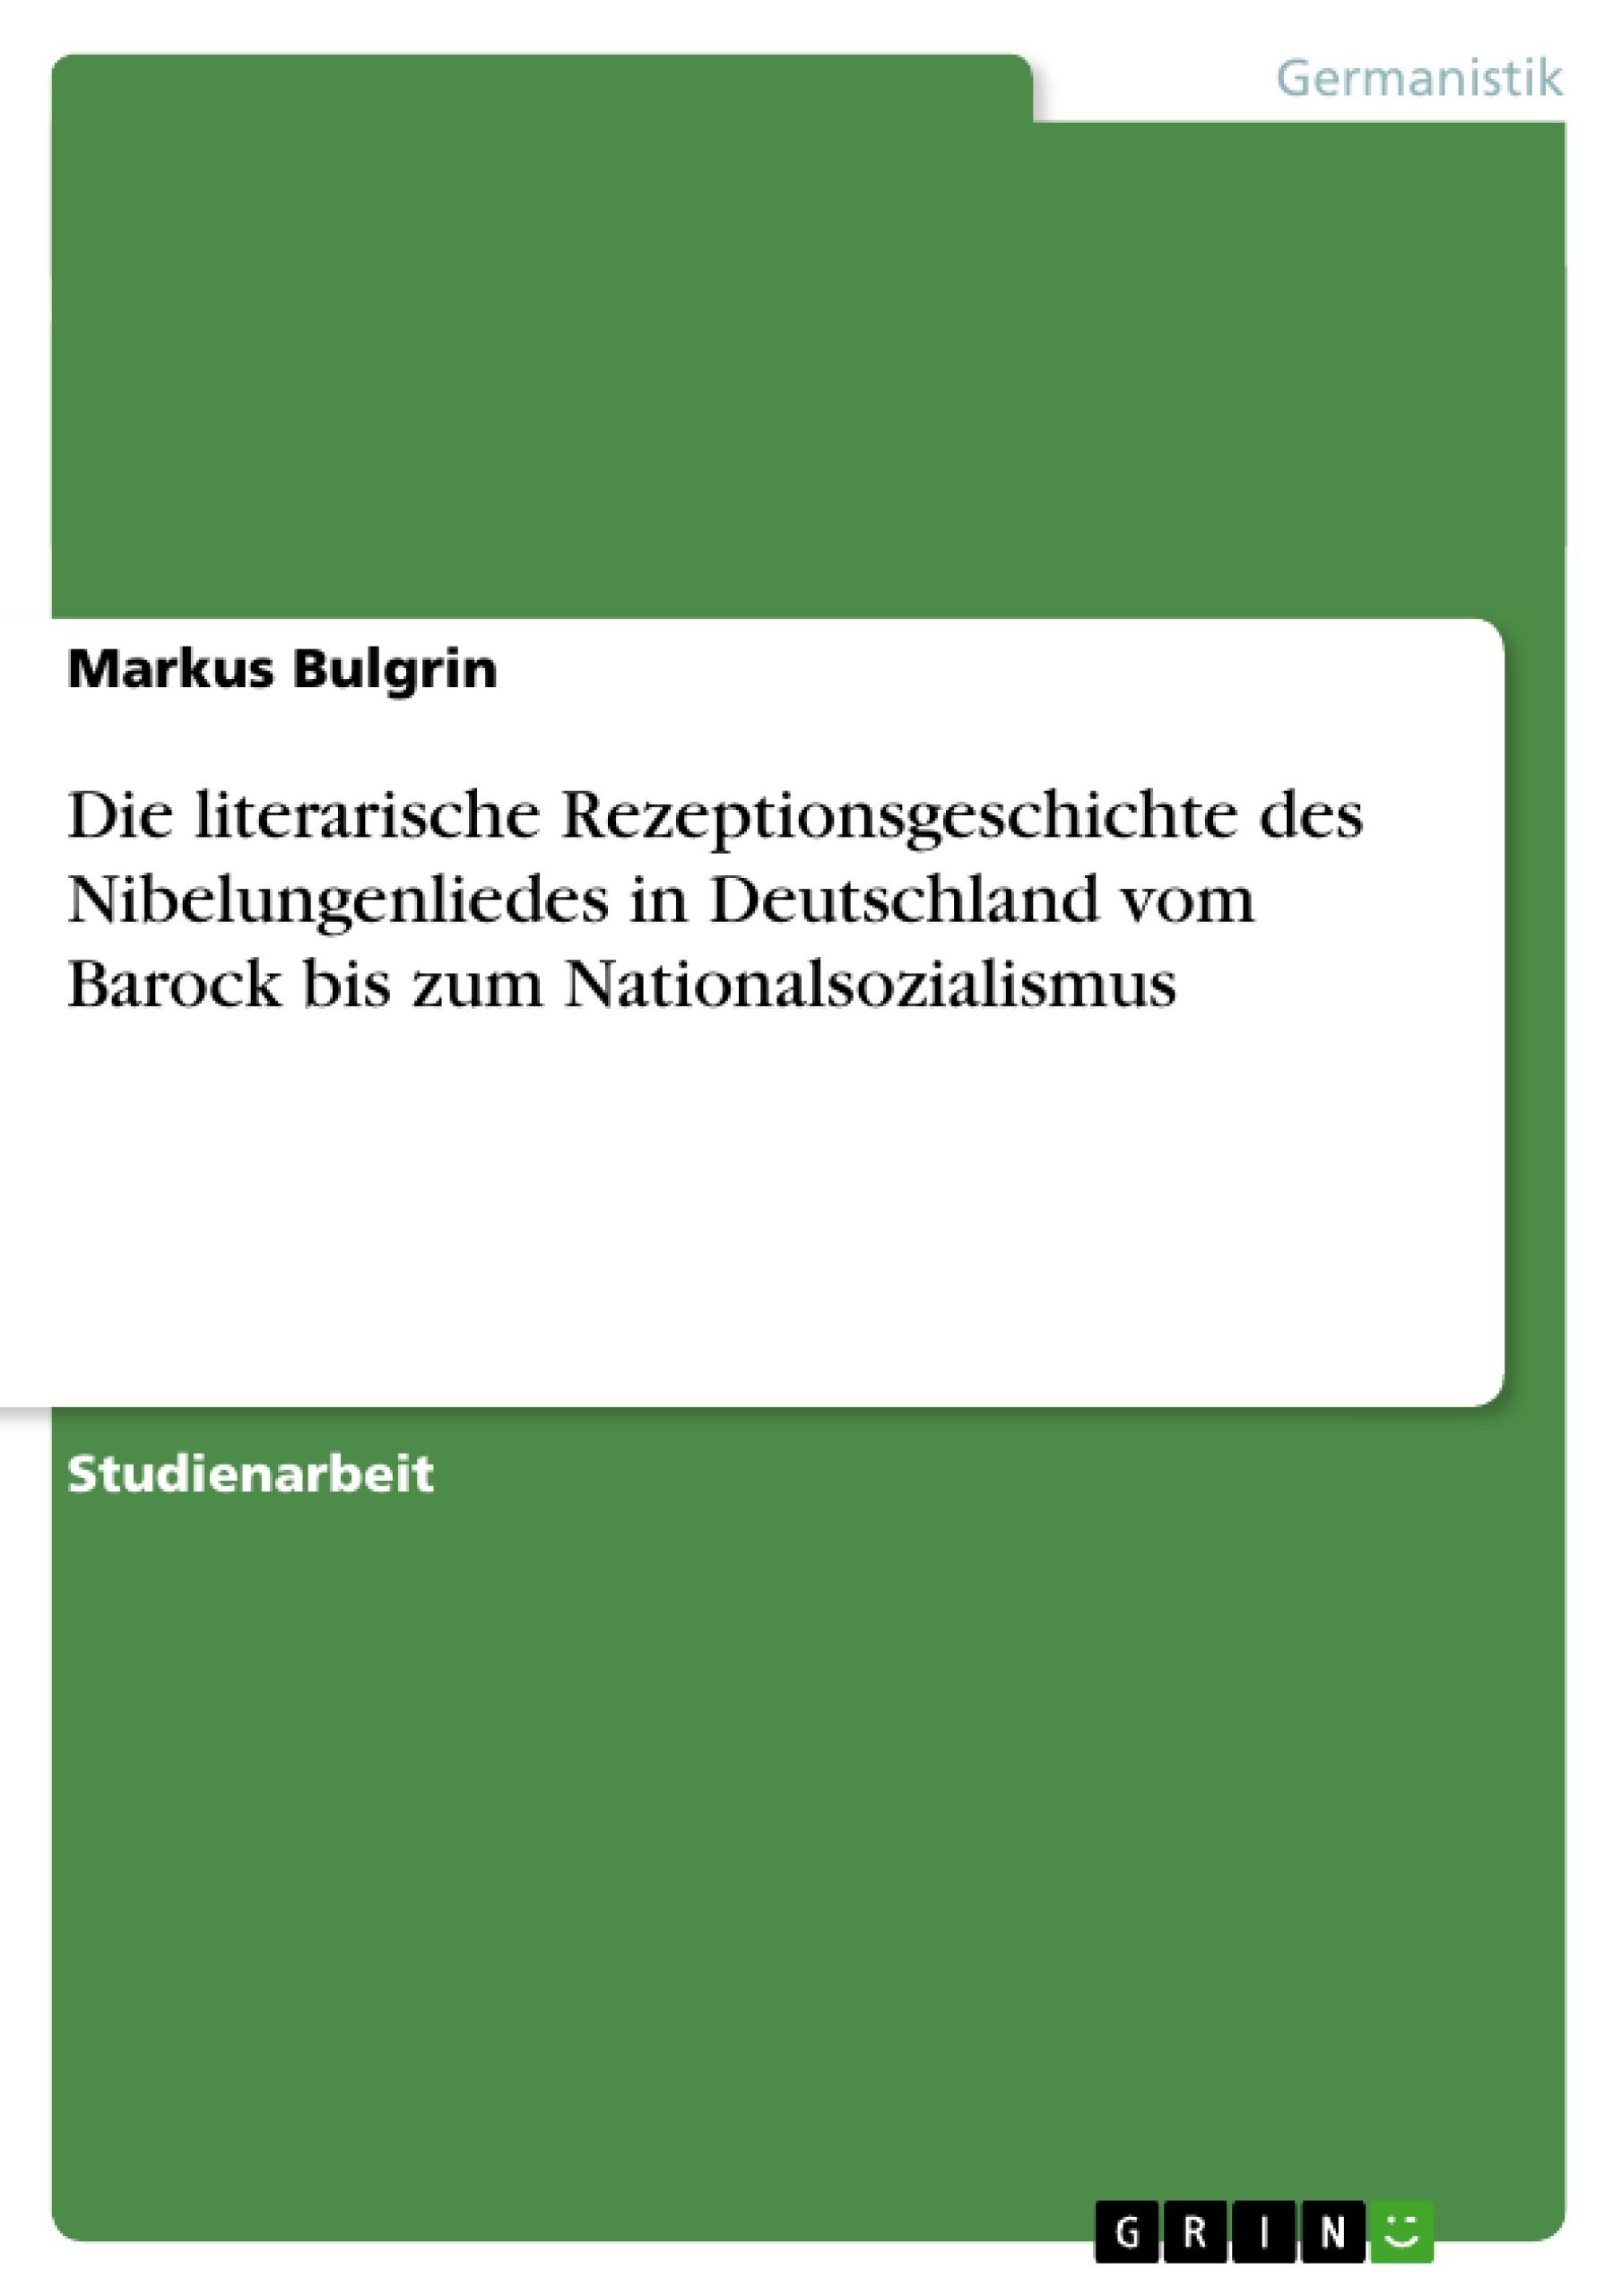 Titel: Die literarische Rezeptionsgeschichte des Nibelungenliedes  in Deutschland vom Barock bis zum Nationalsozialismus